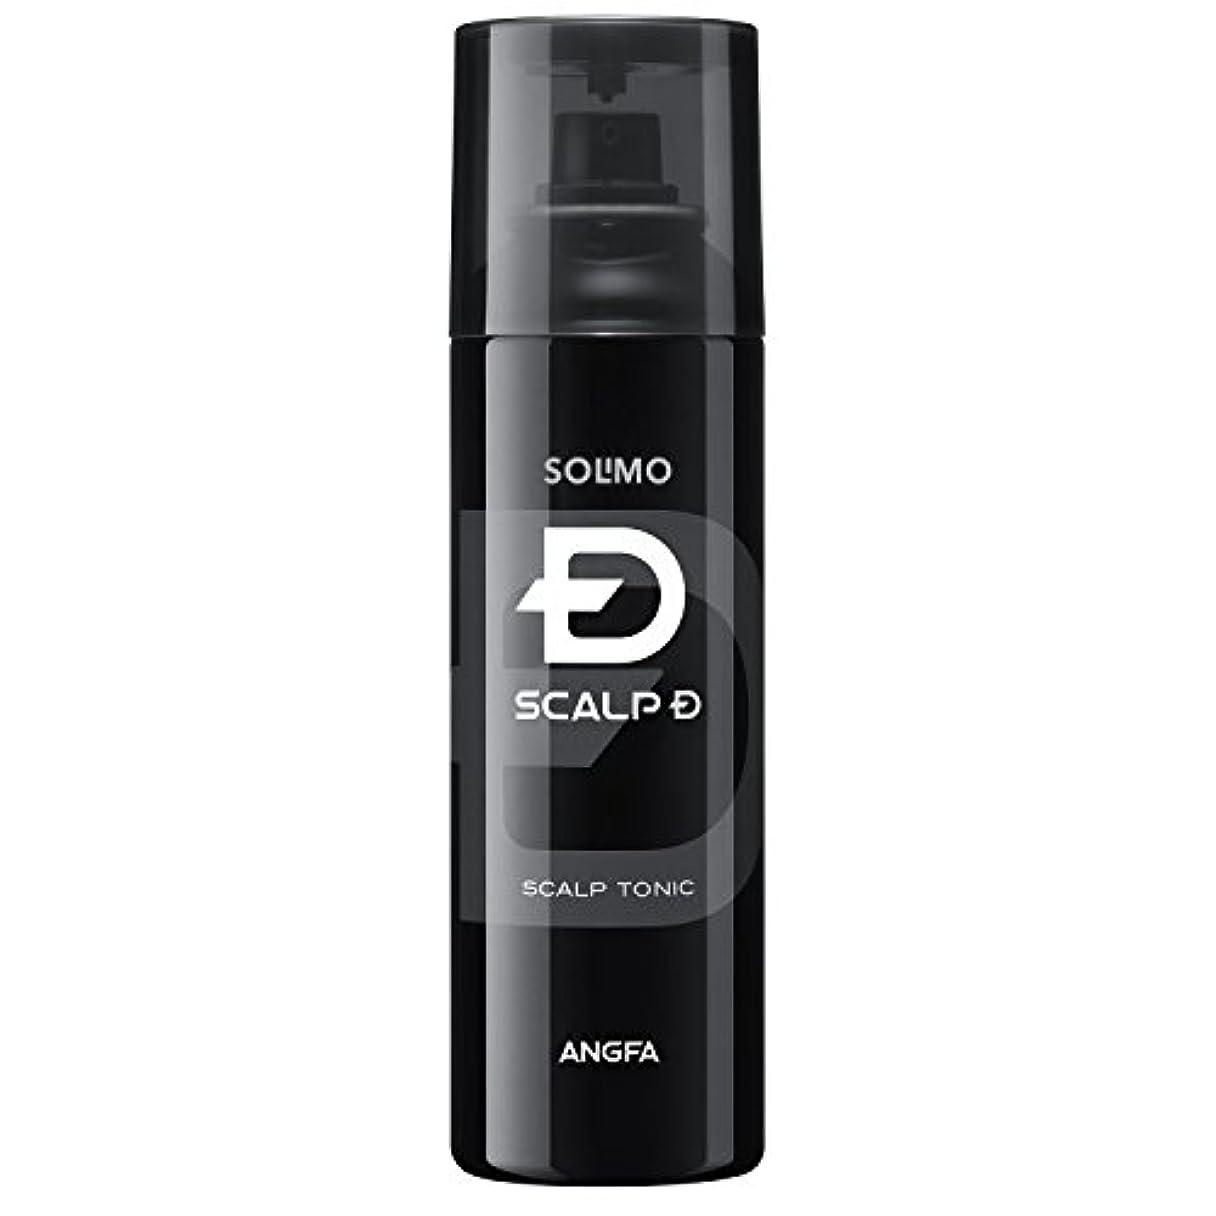 スナップ性交出版[Amazonブランド]SOLIMO スカルプD スカルプトニック 180ml